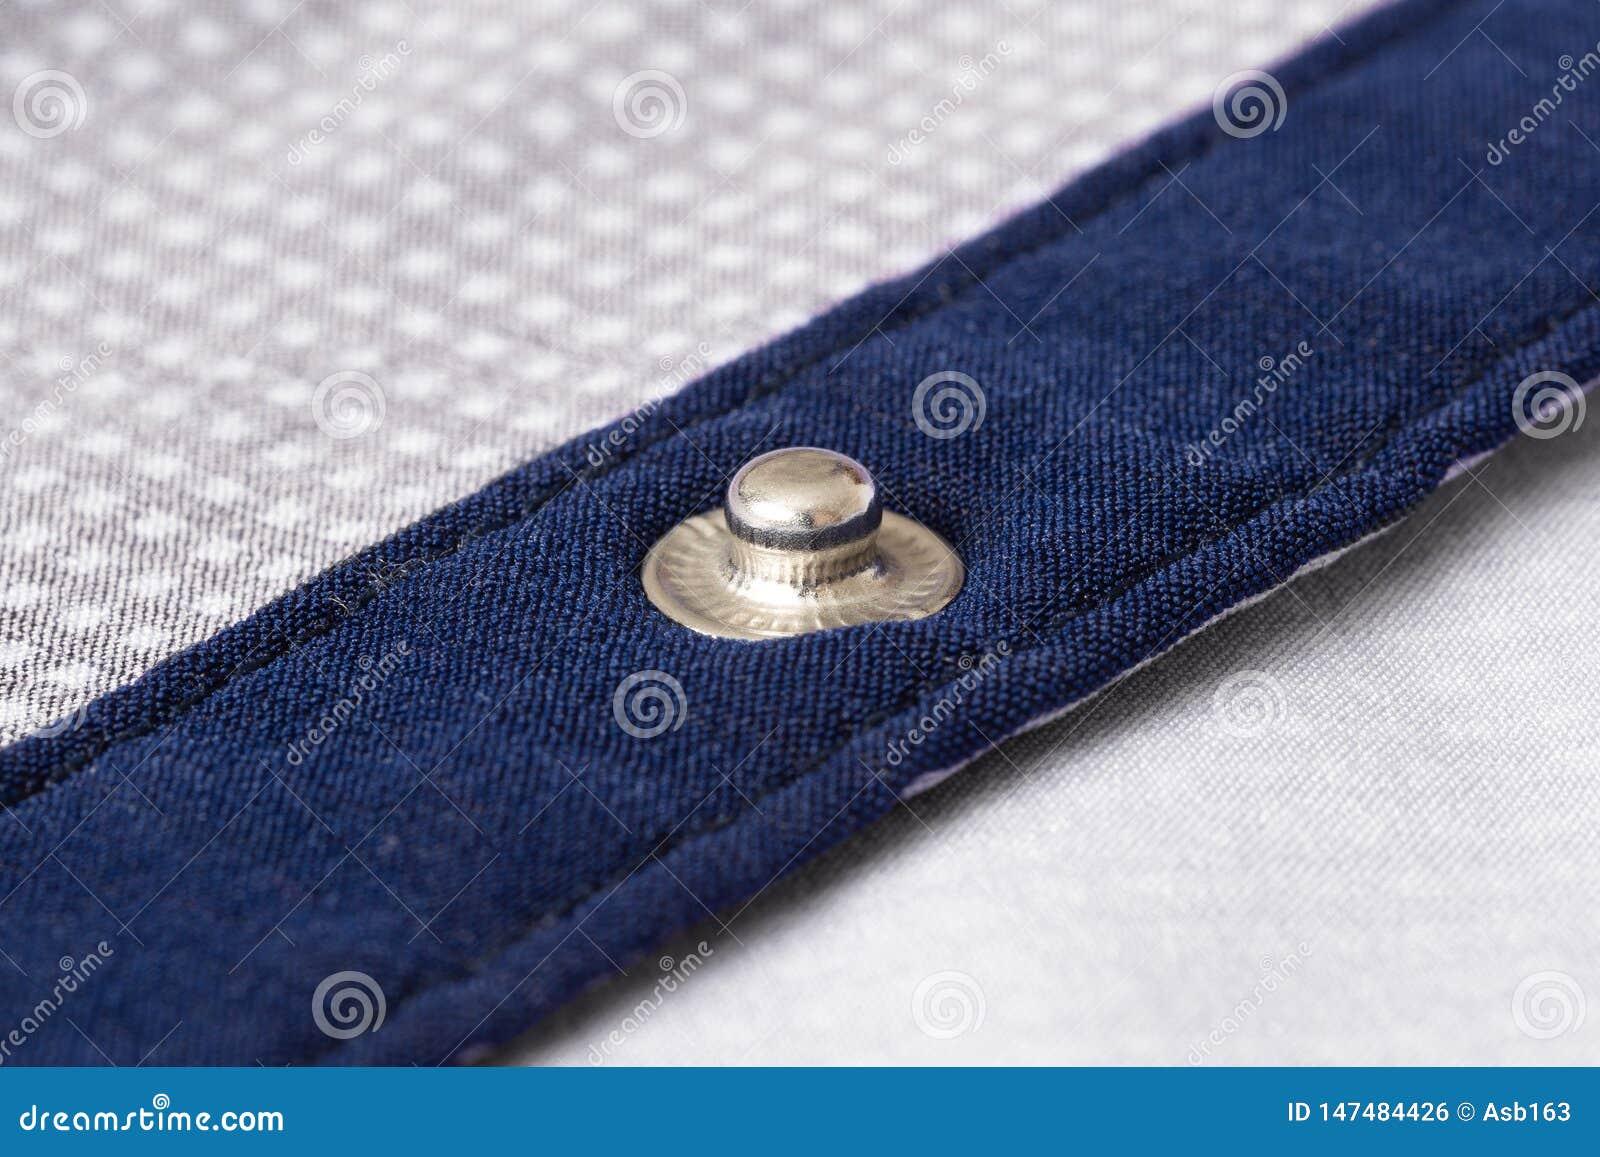 Fastener on shirt closeup